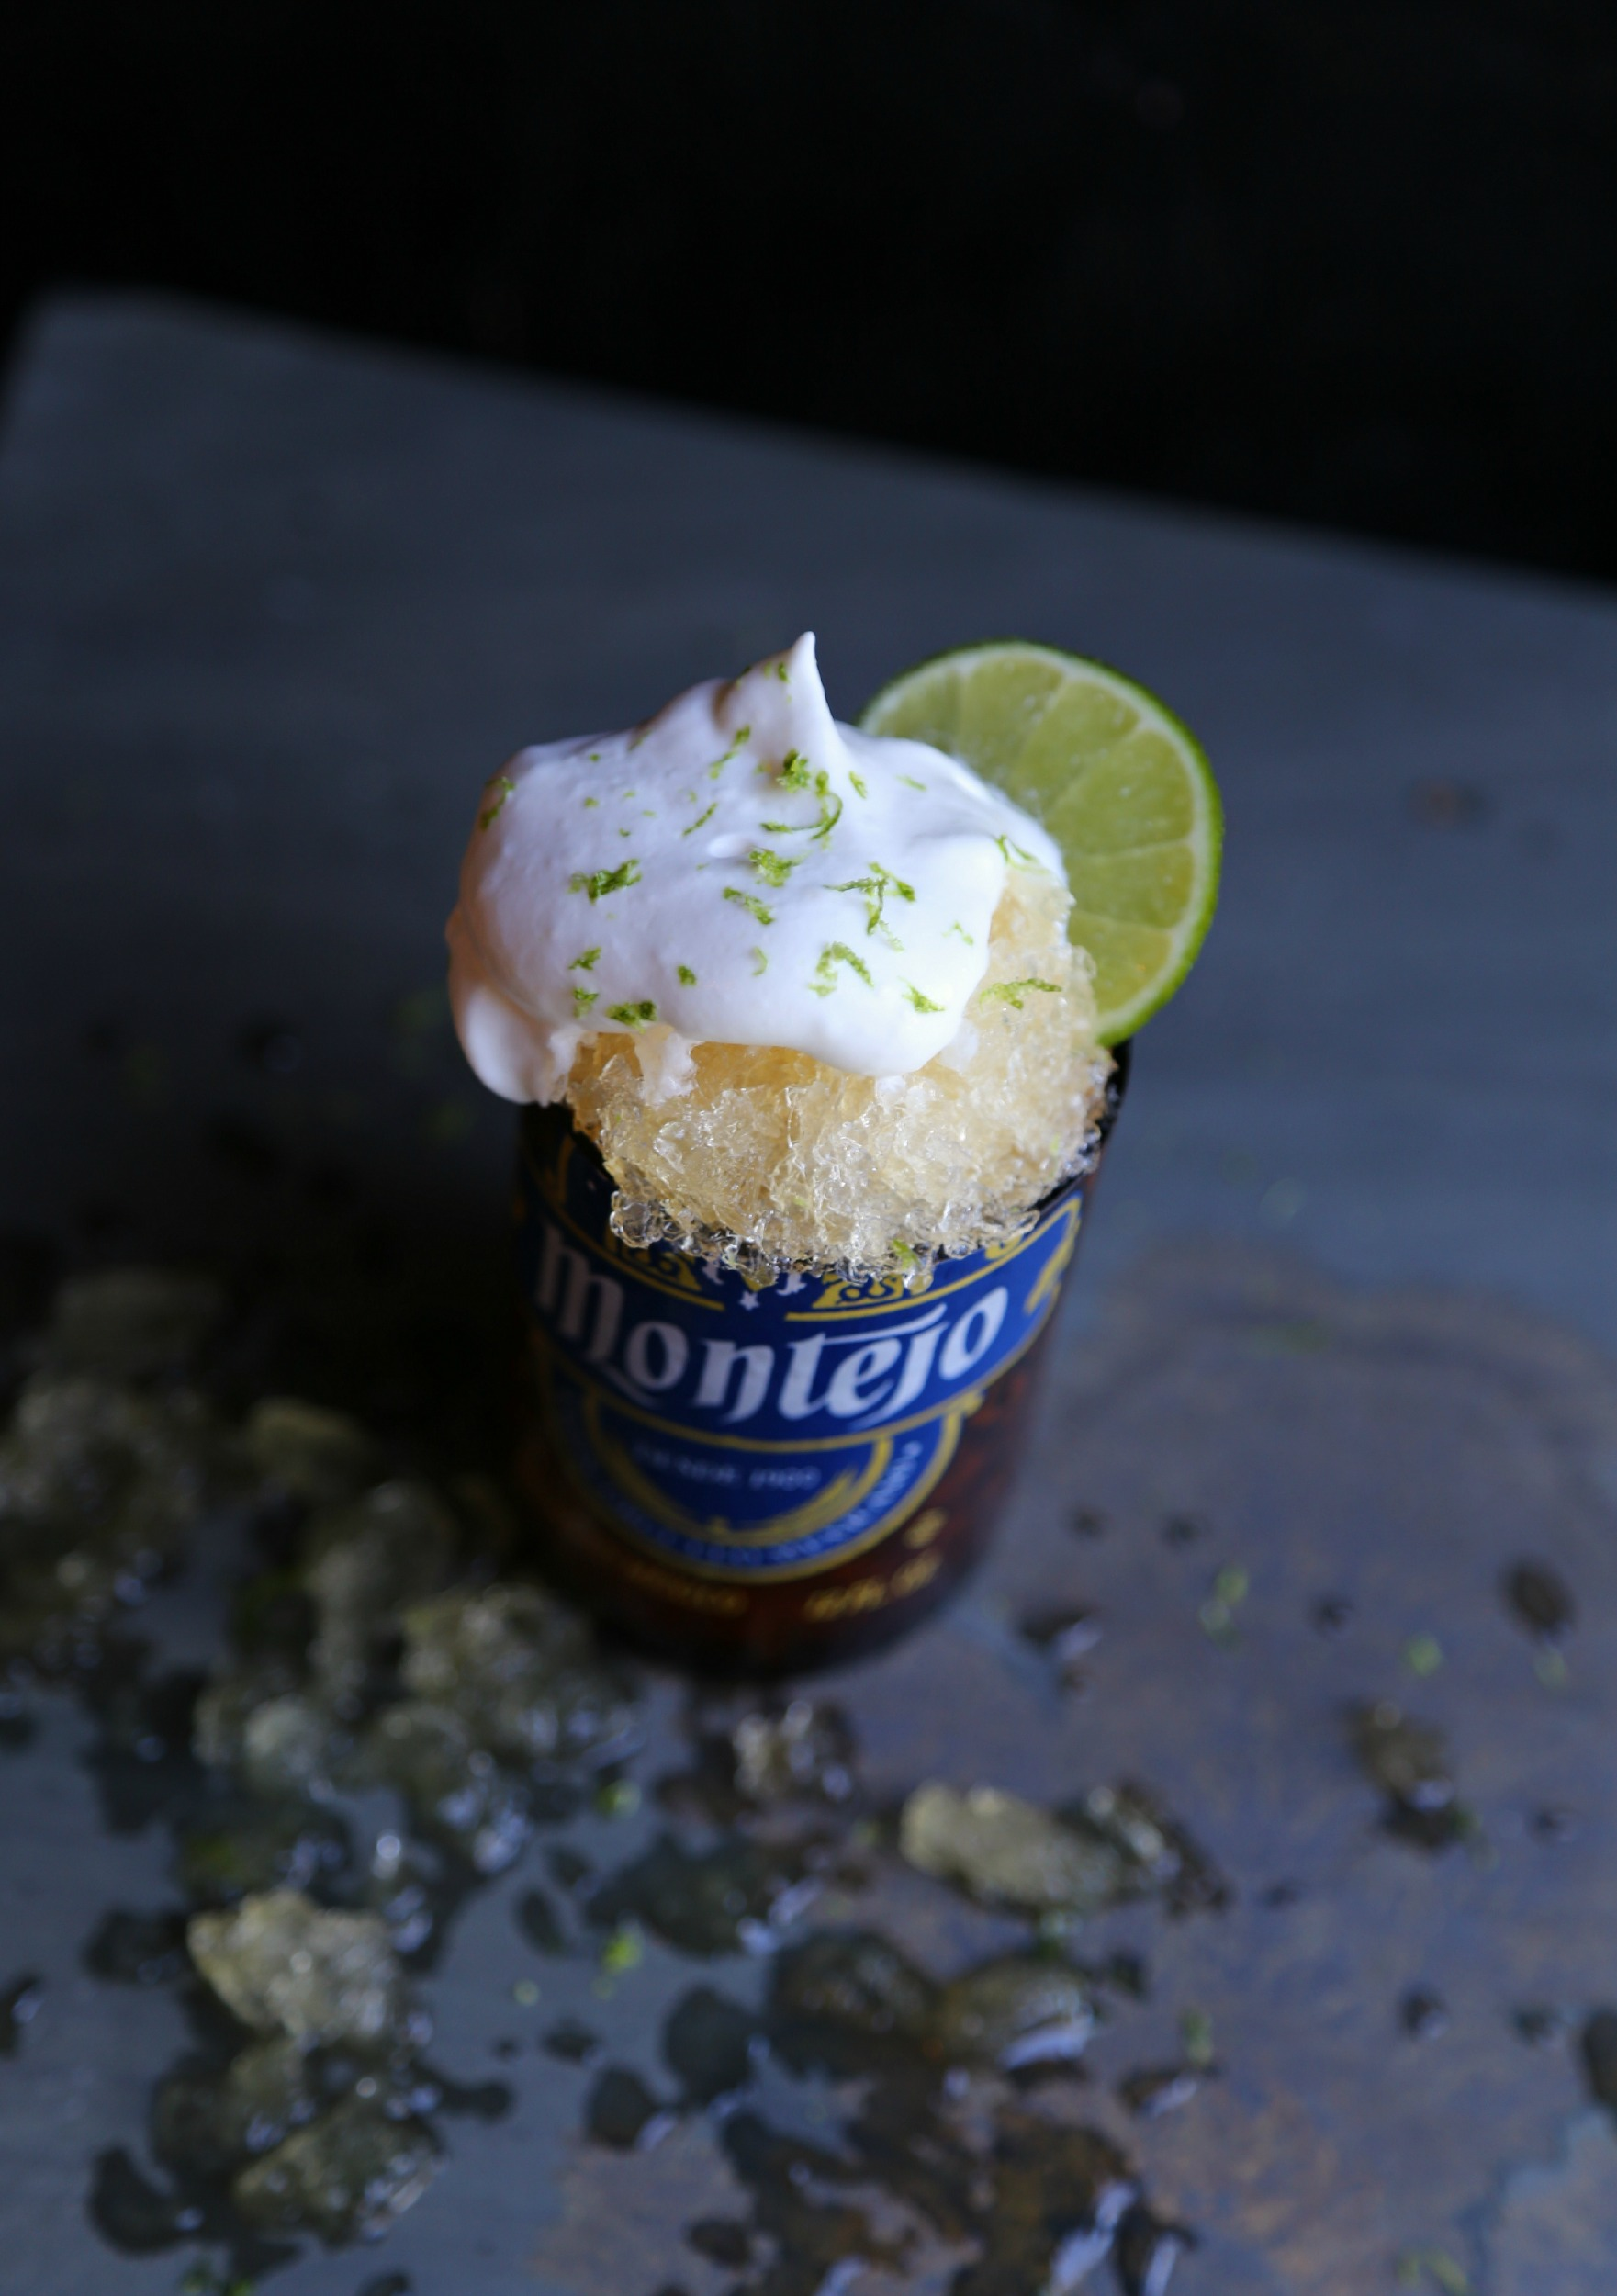 beer-raspado-montejo-cocktail-VianneyRodriguez-sweetlifebake